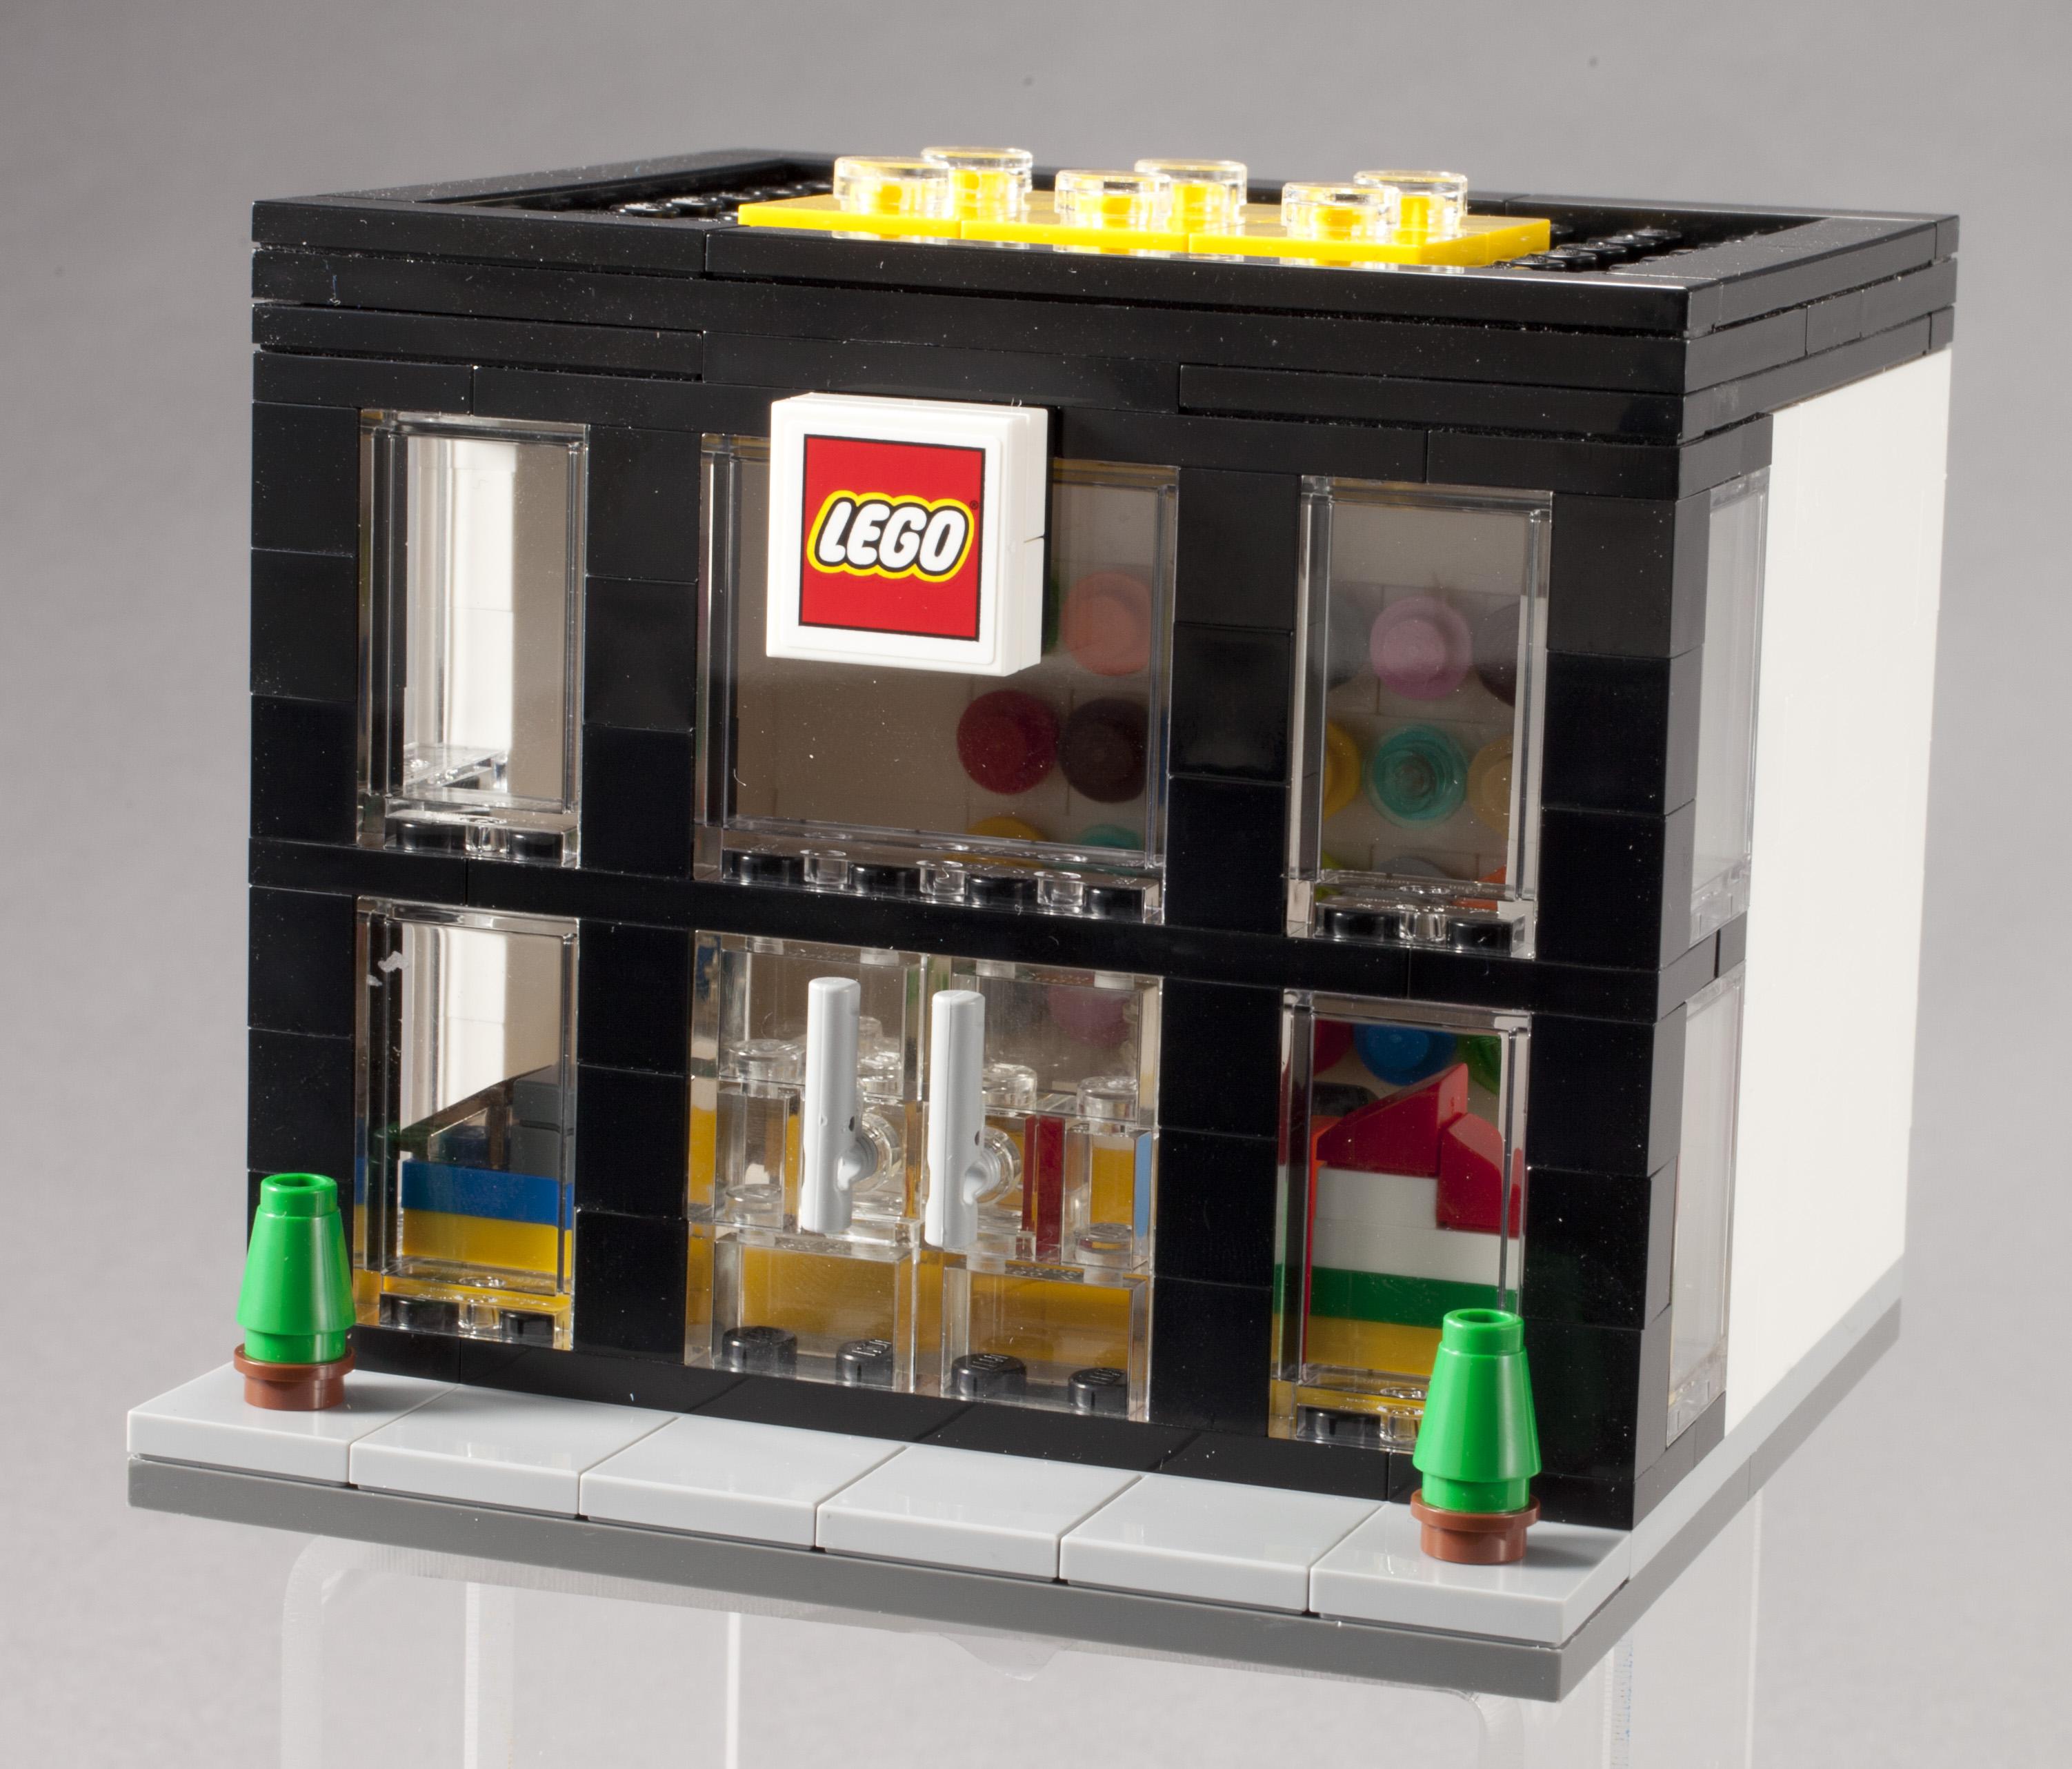 3300003 LEGO Brand Retail Store Set